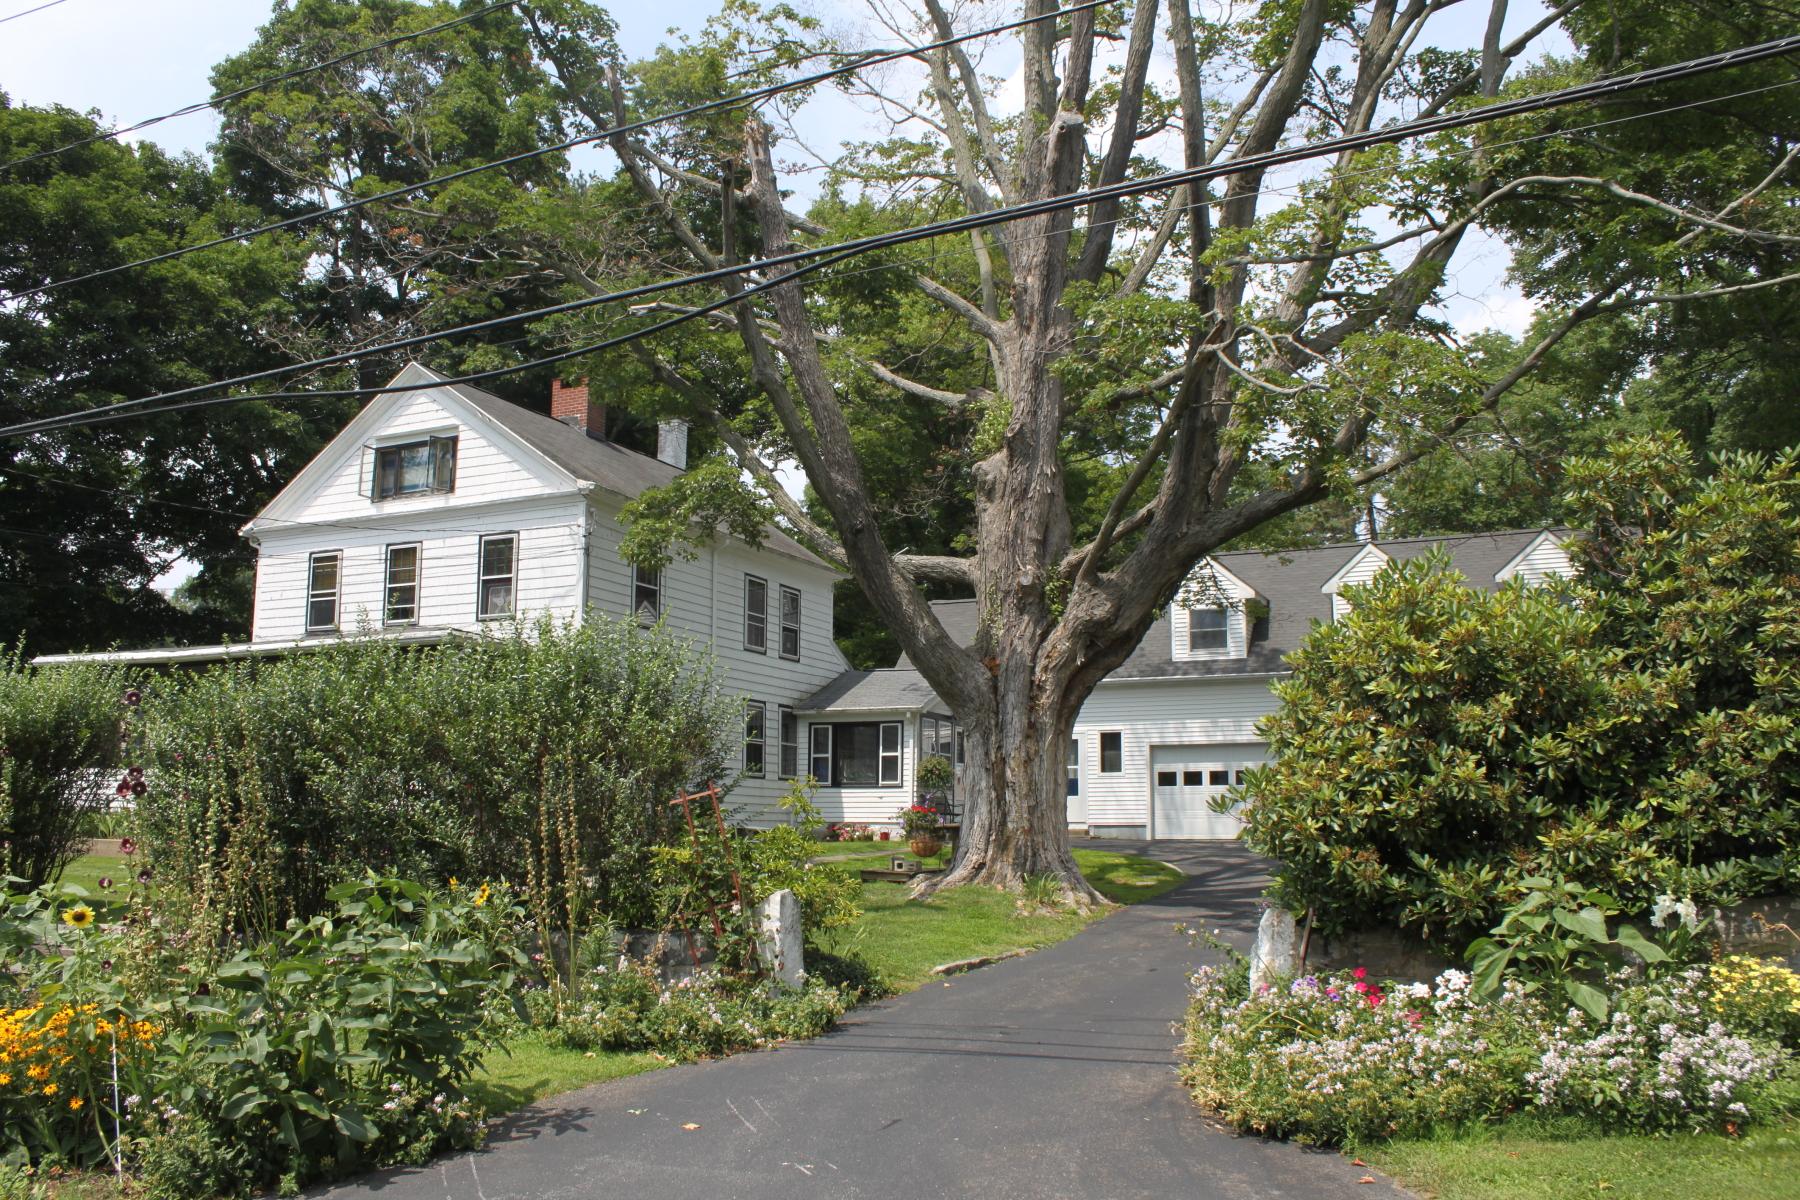 Частный односемейный дом для того Продажа на Waterfrnt Classic 24 Kellogg Street Brookfield, Коннектикут 06804 Соединенные Штаты